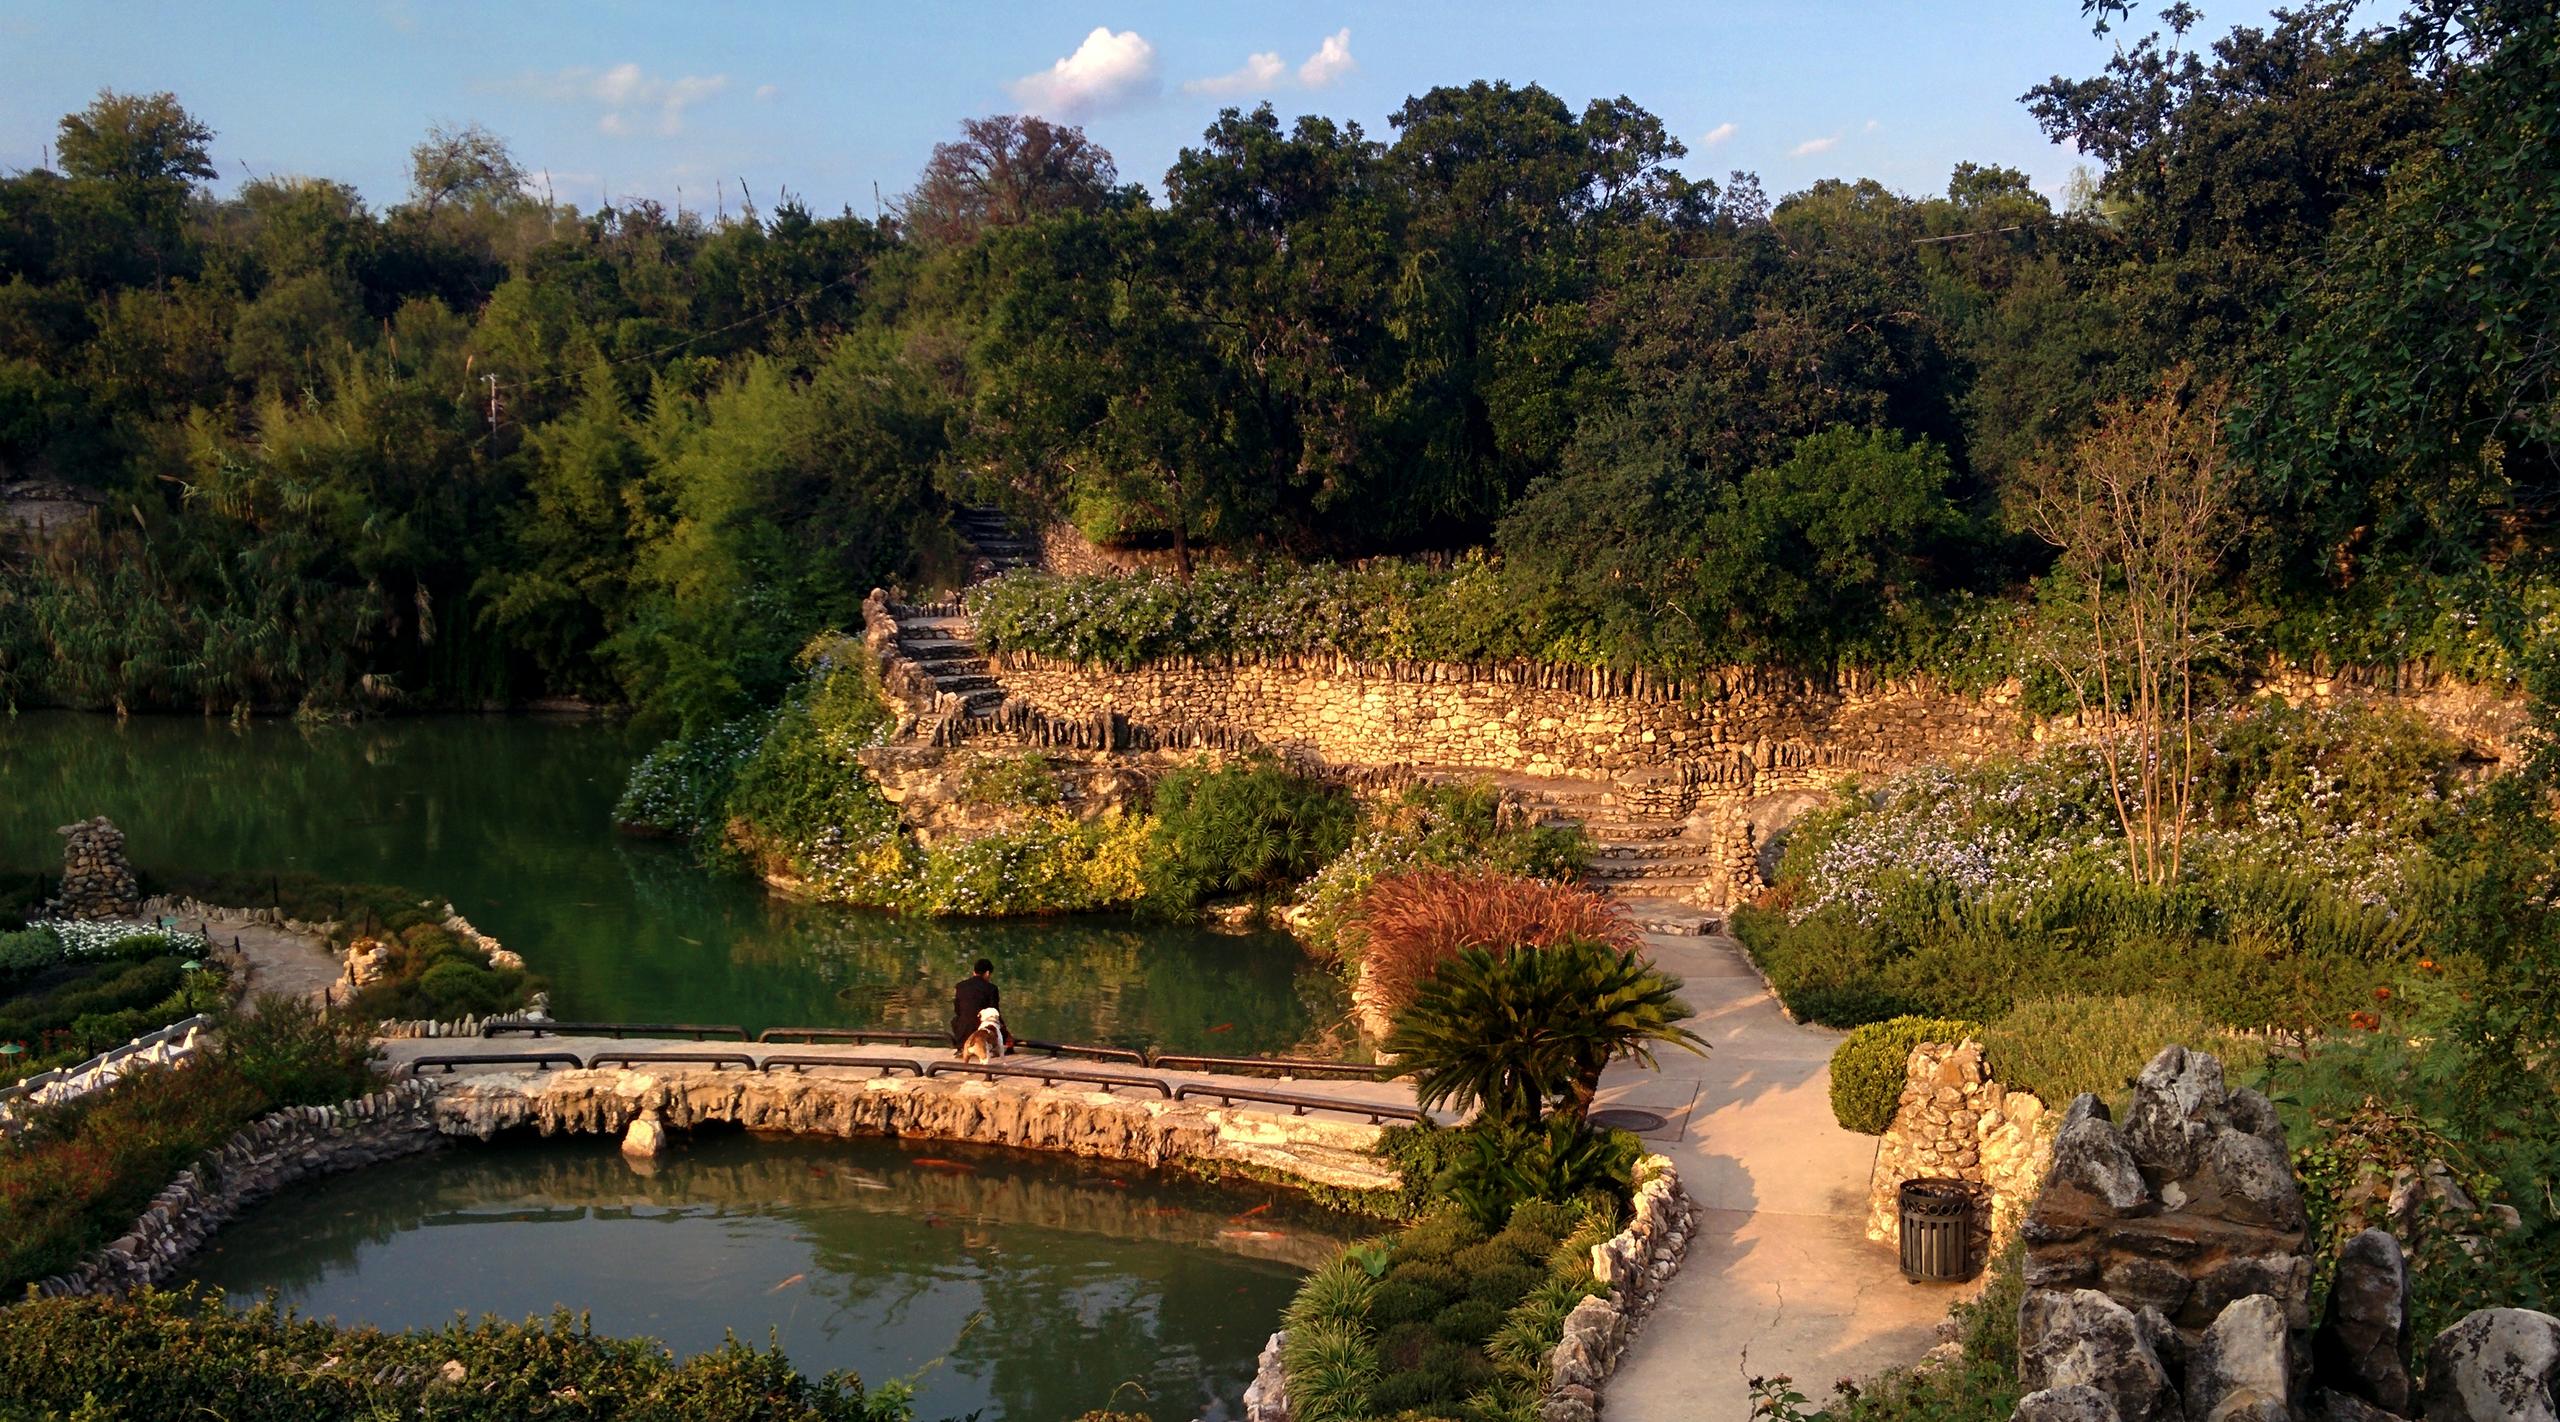 Nothing Mundane   Week 15.5: Texas Tourism in San Antonio